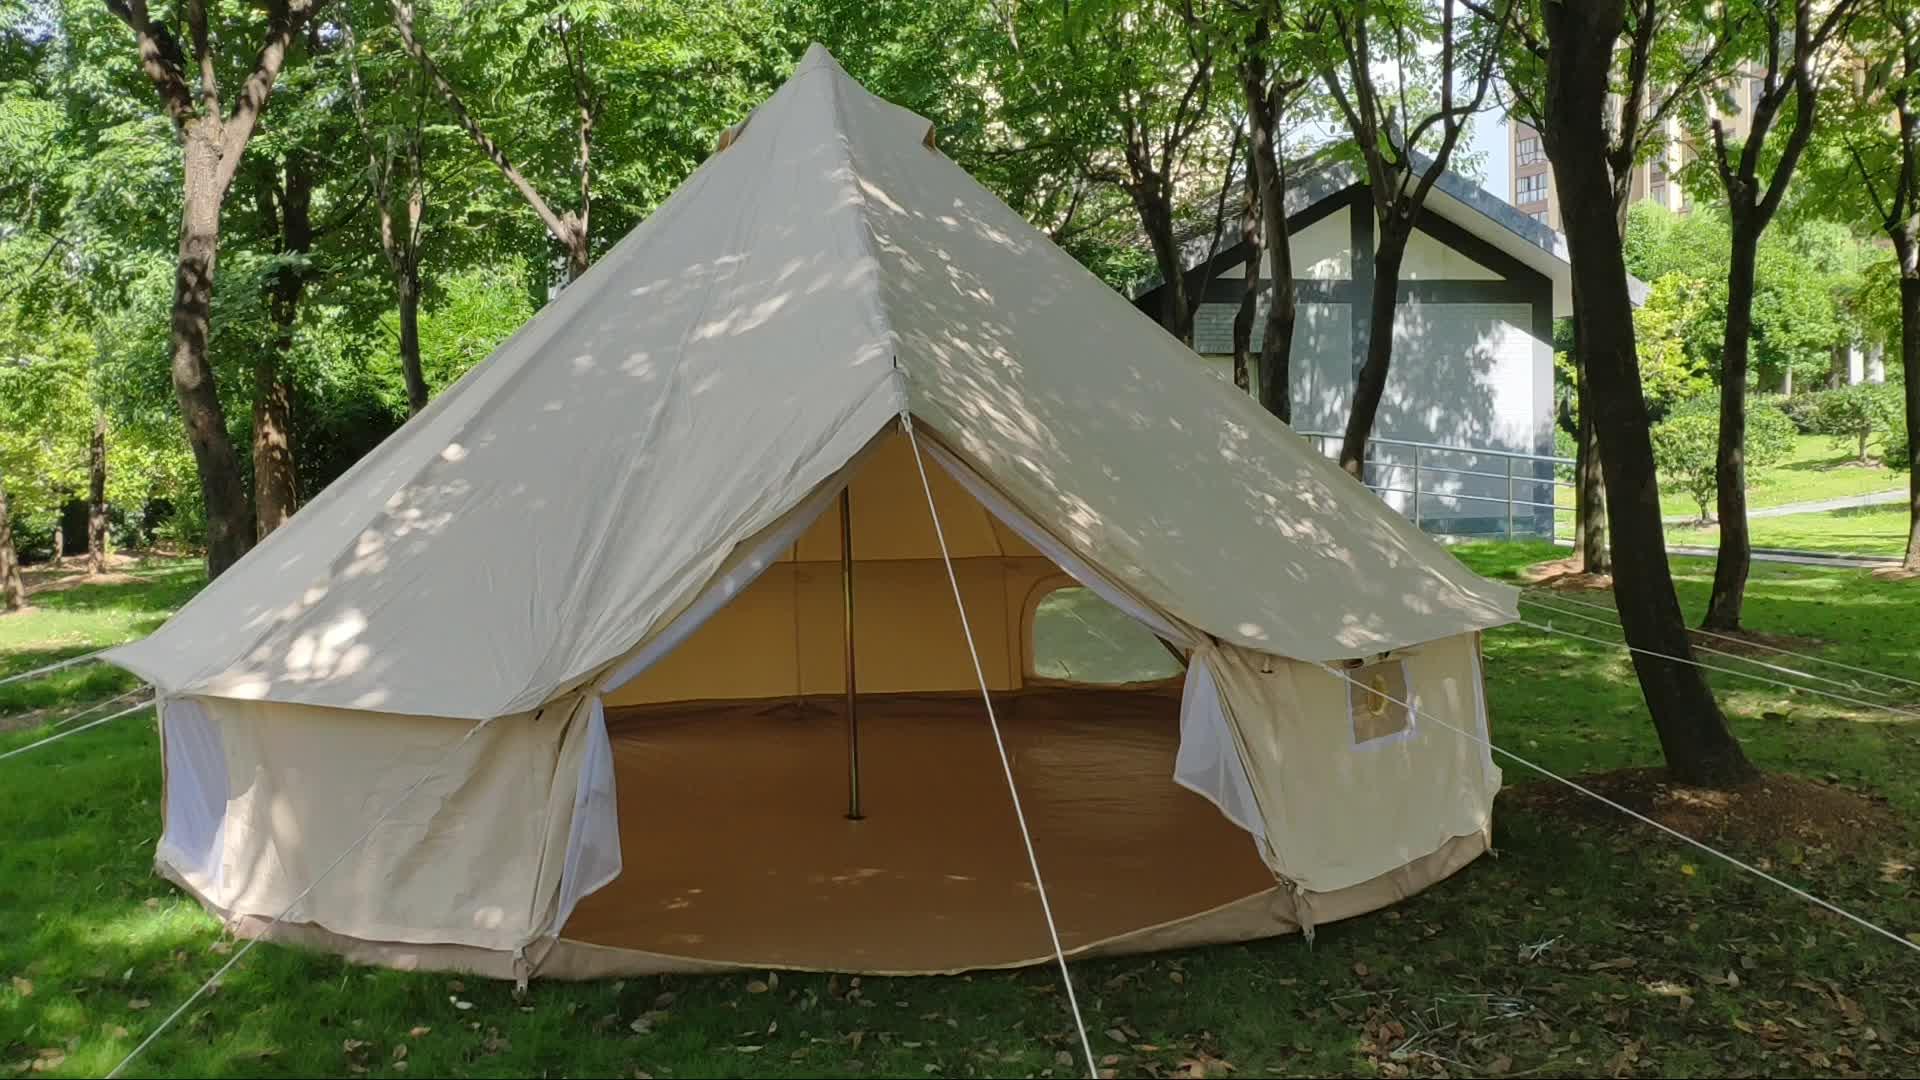 Mejor venta impermeable al aire libre de la 4 temporada familia gran camping bell glamping tienda de lujo